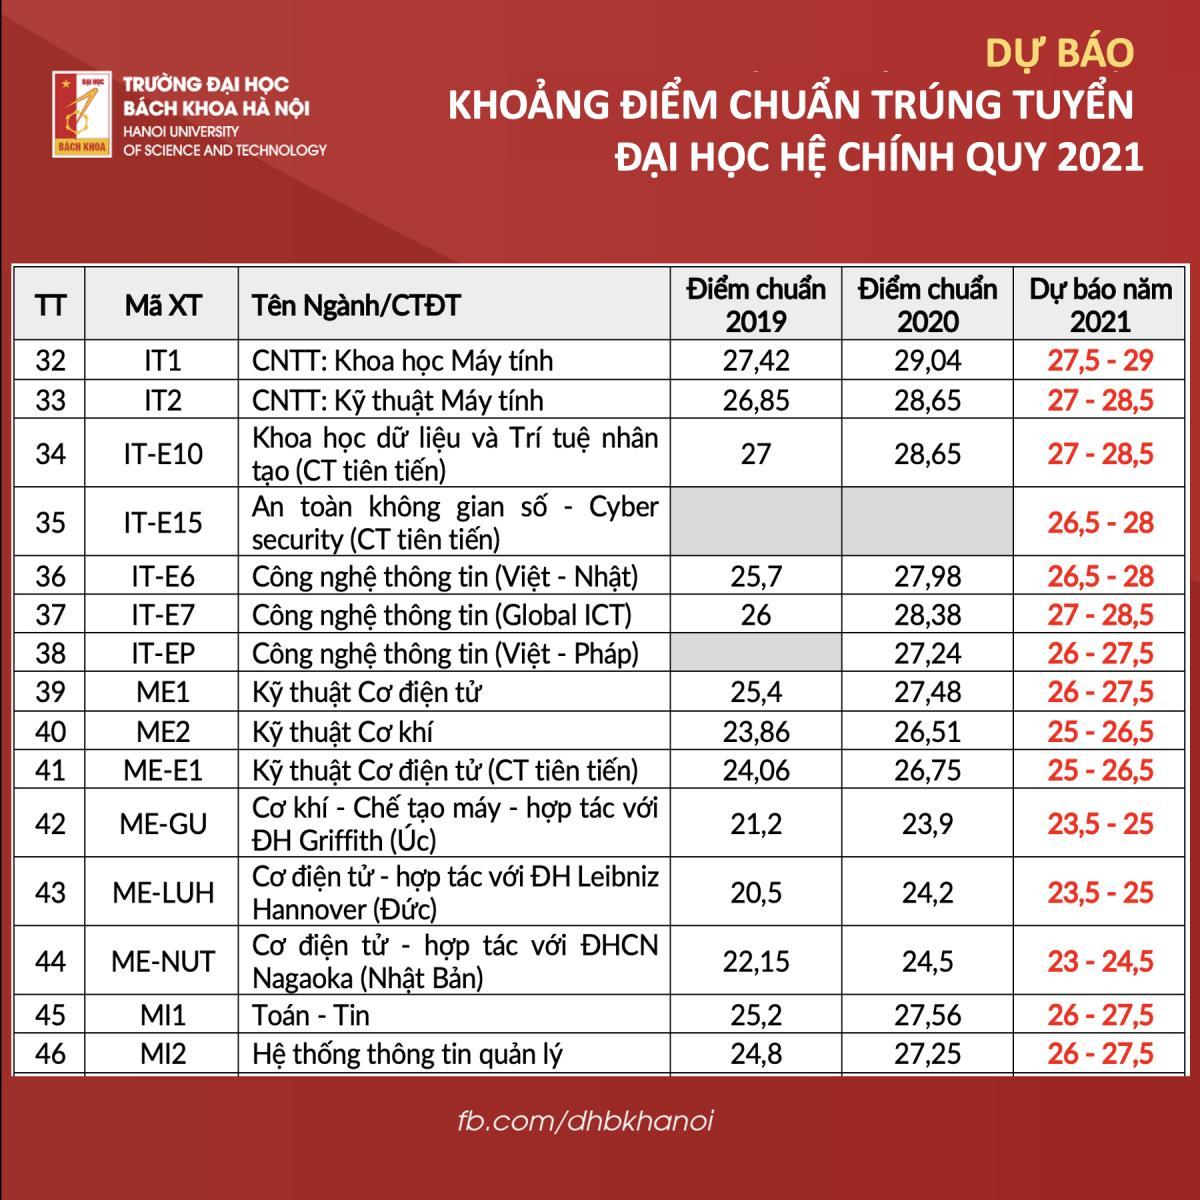 Phó hiệu trưởng Đại học Bách khoa Hà Nội bật mí điểm chuẩn 2021  - 3